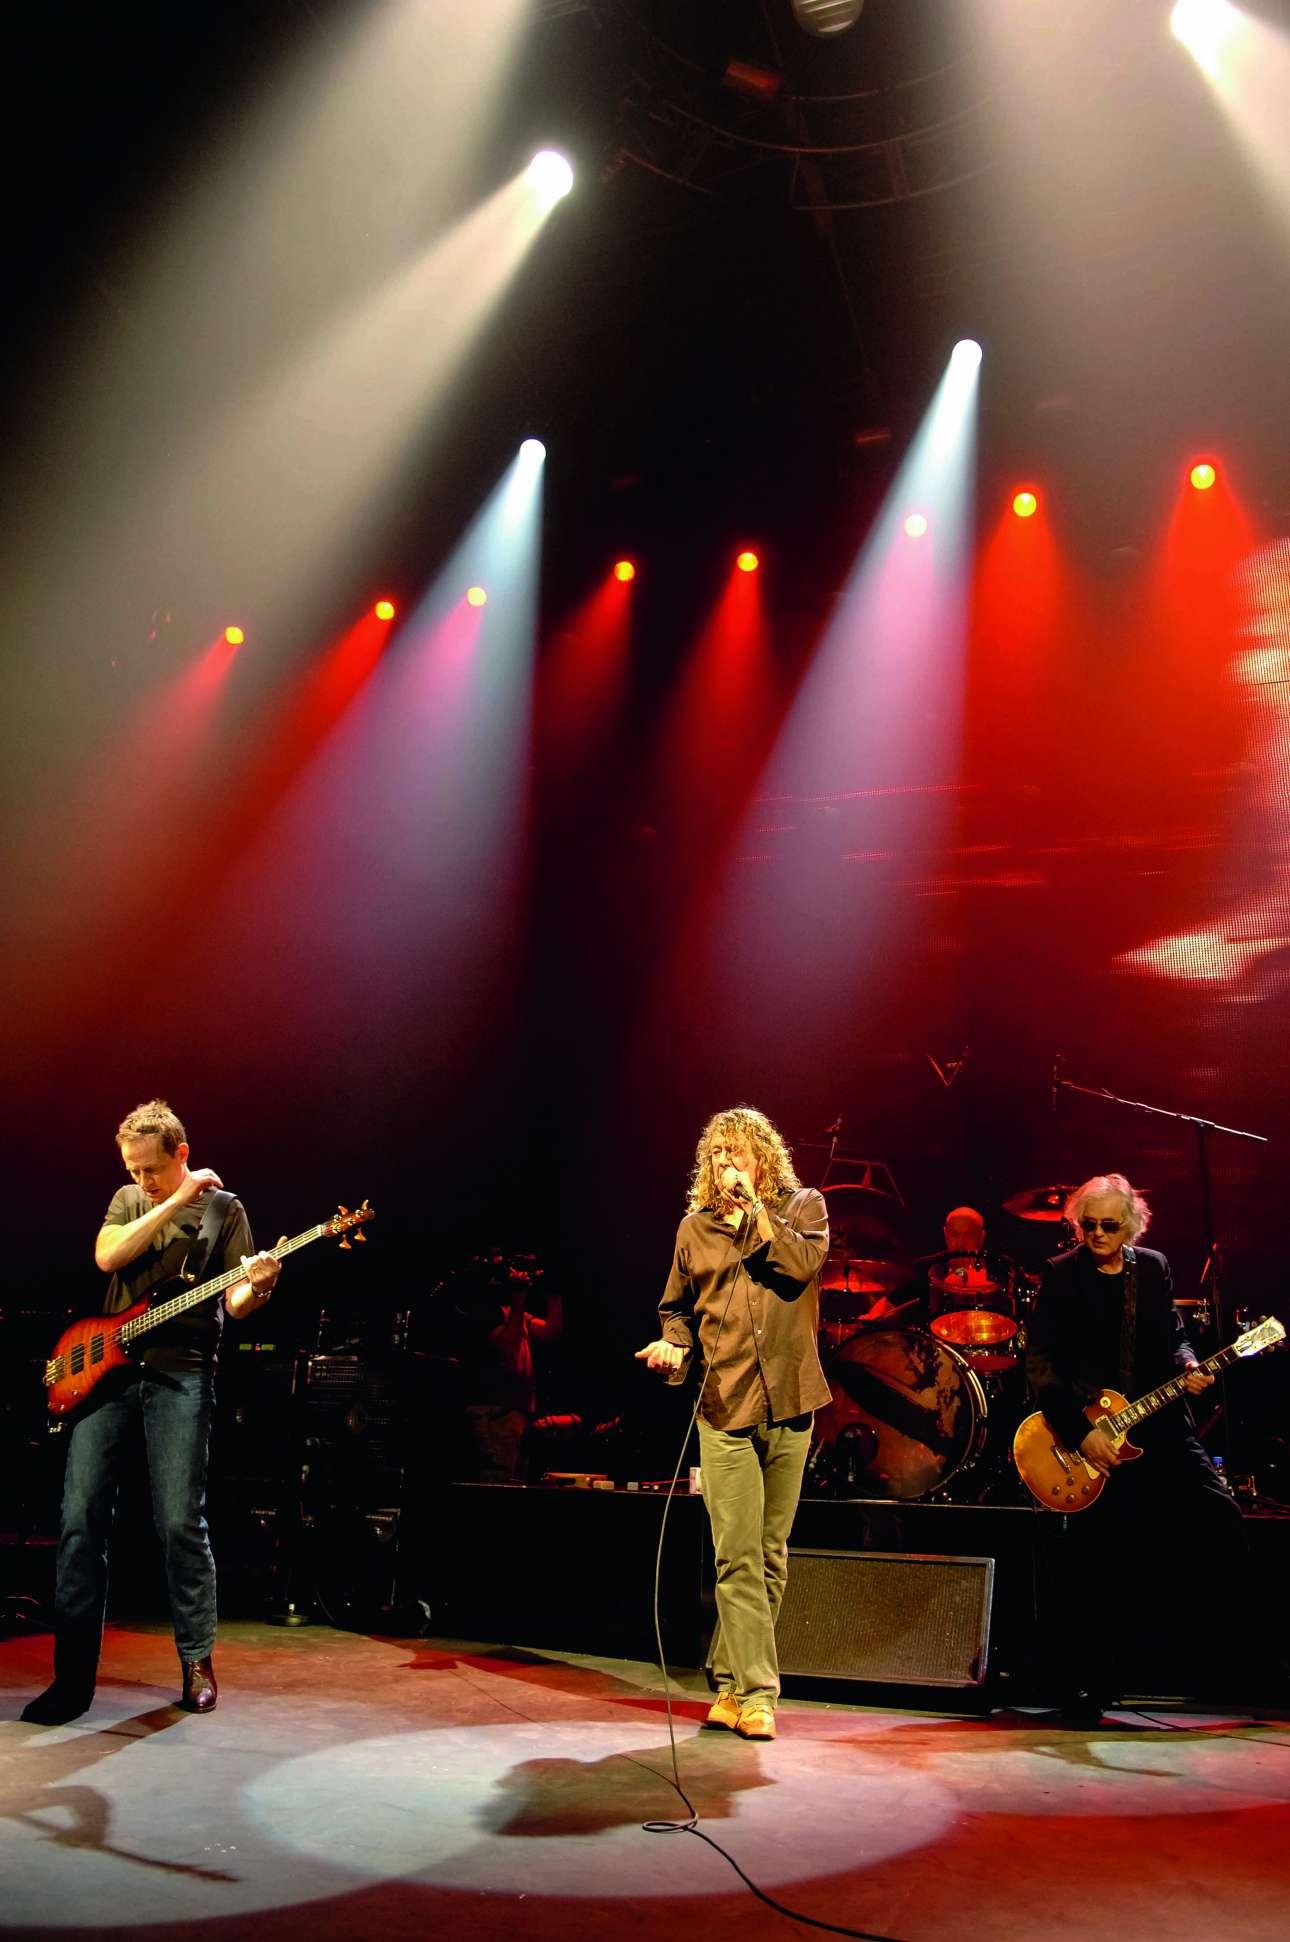 Ηχογράφηση του άλμπουμ «Shepperton Rehearsals», τον Δεκέμβριο του 2007